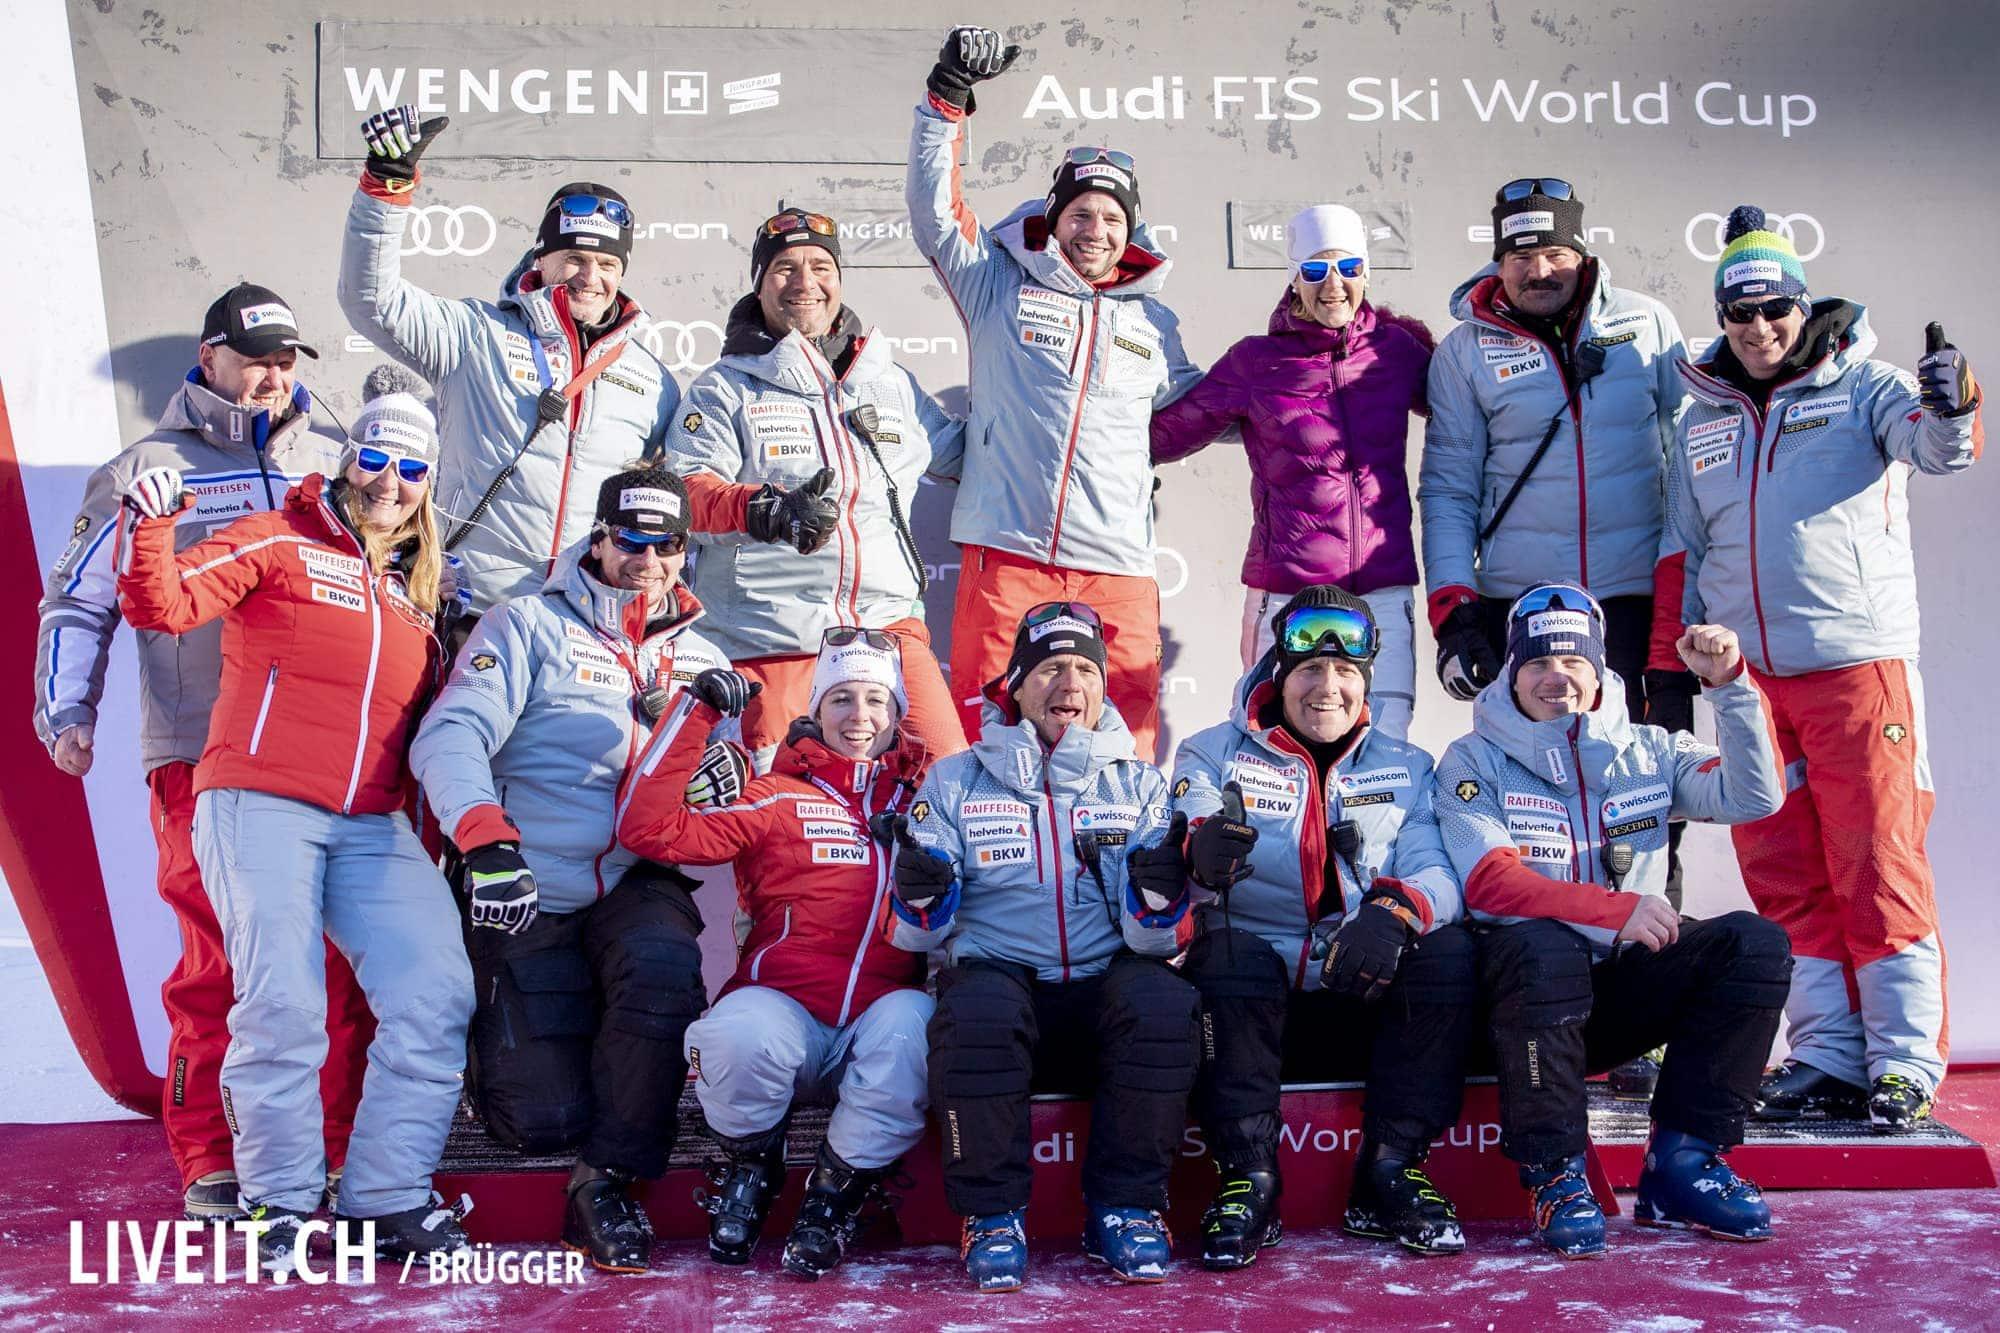 SwissSki Team fotografiert am Samstag, 19. Januar 2019 am Lauberhornrennen in der Disziplin: Abfahrt. (Fotografiert von Dominic Bruegger liveit.ch)